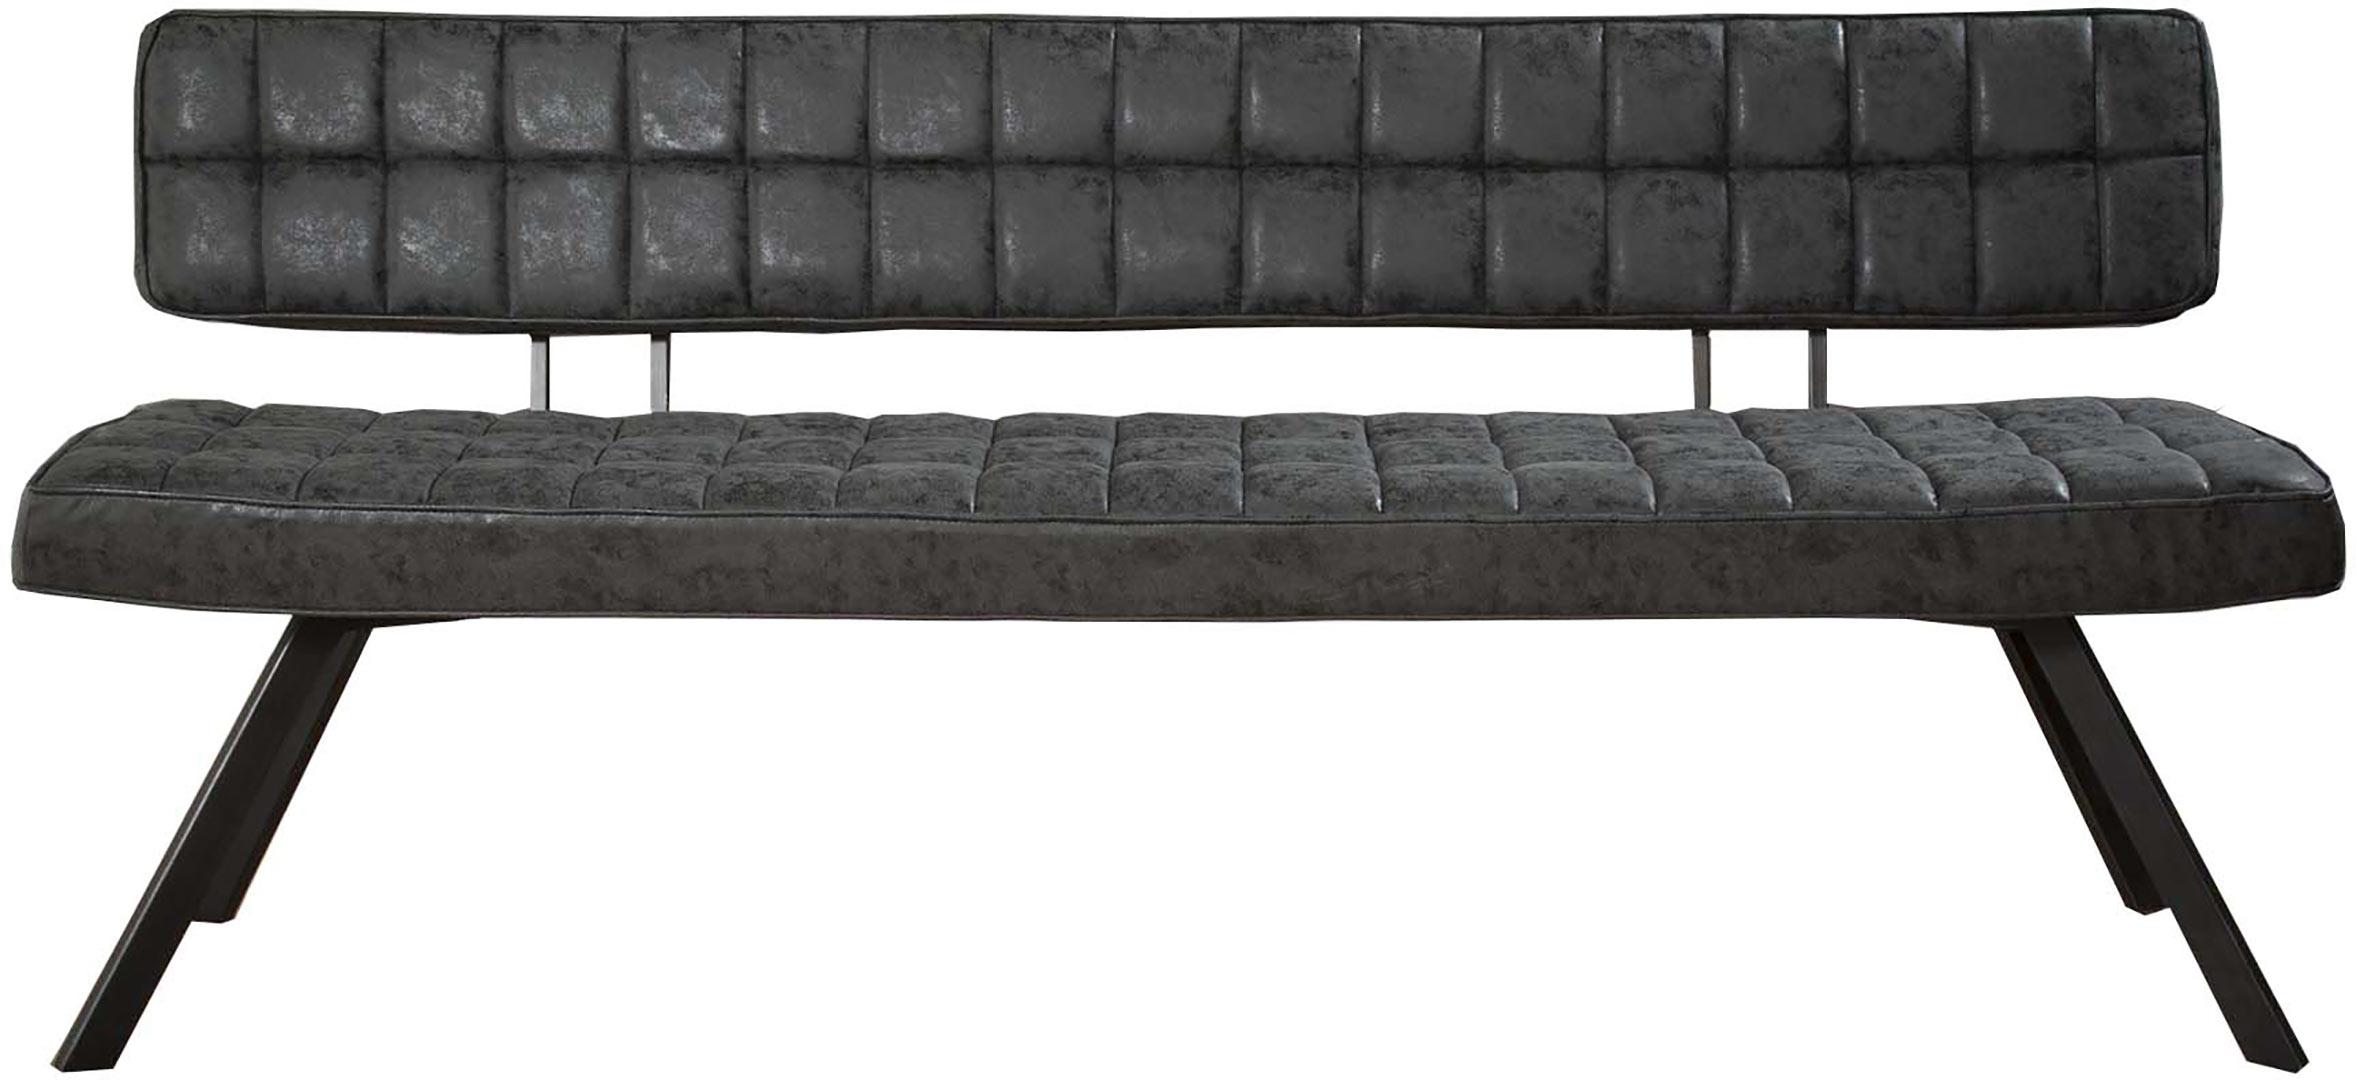 Banc vintage en PU noir 180 cm Emilia